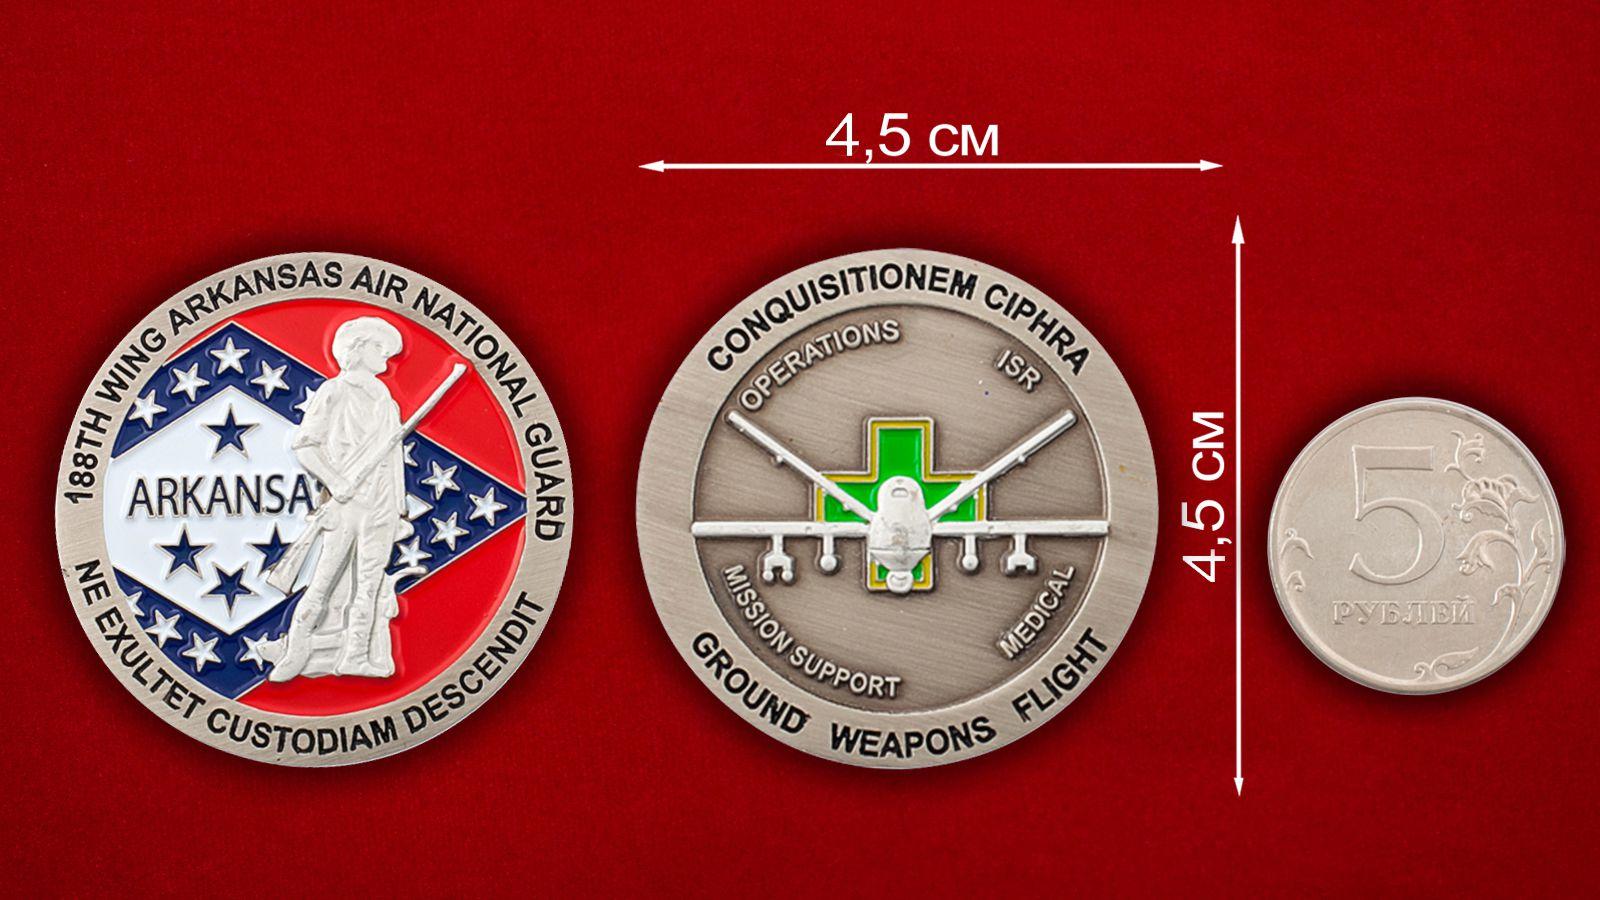 Челлендж коин 188 крыла авиации Национальной гвардии США (Арканзас) - сравнительный размер